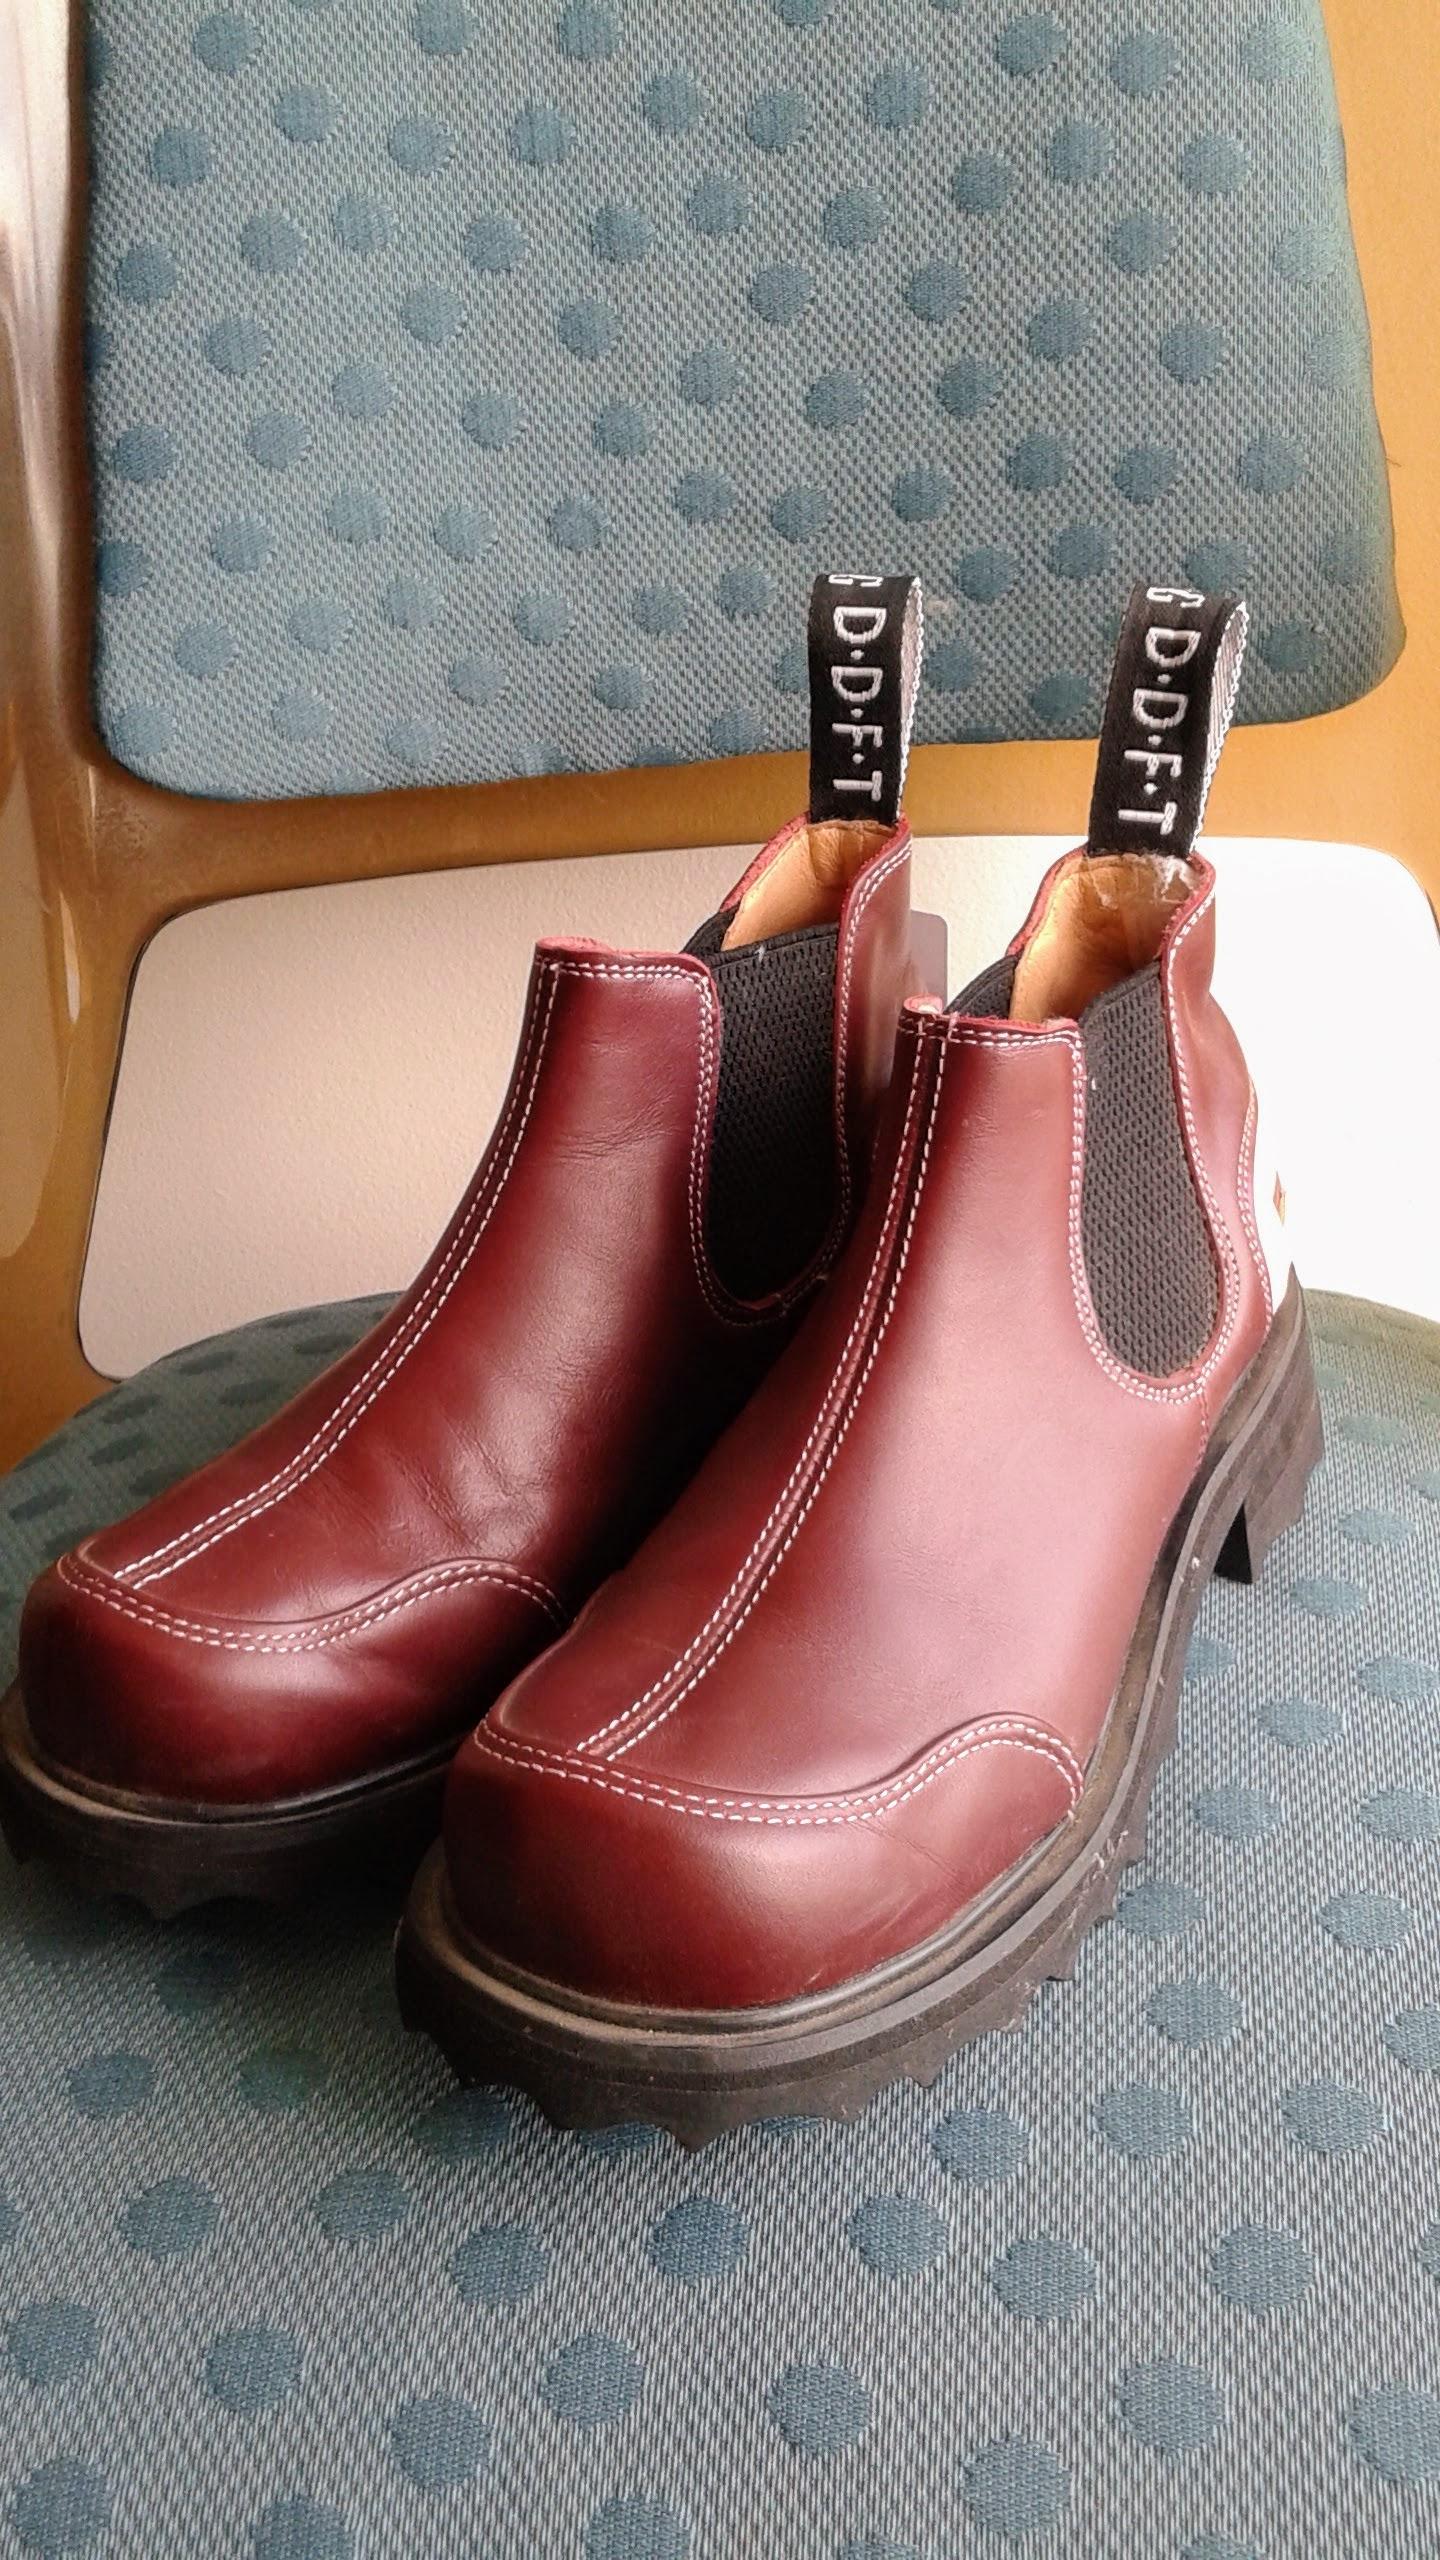 Fluevog shoes; S7.5, $62